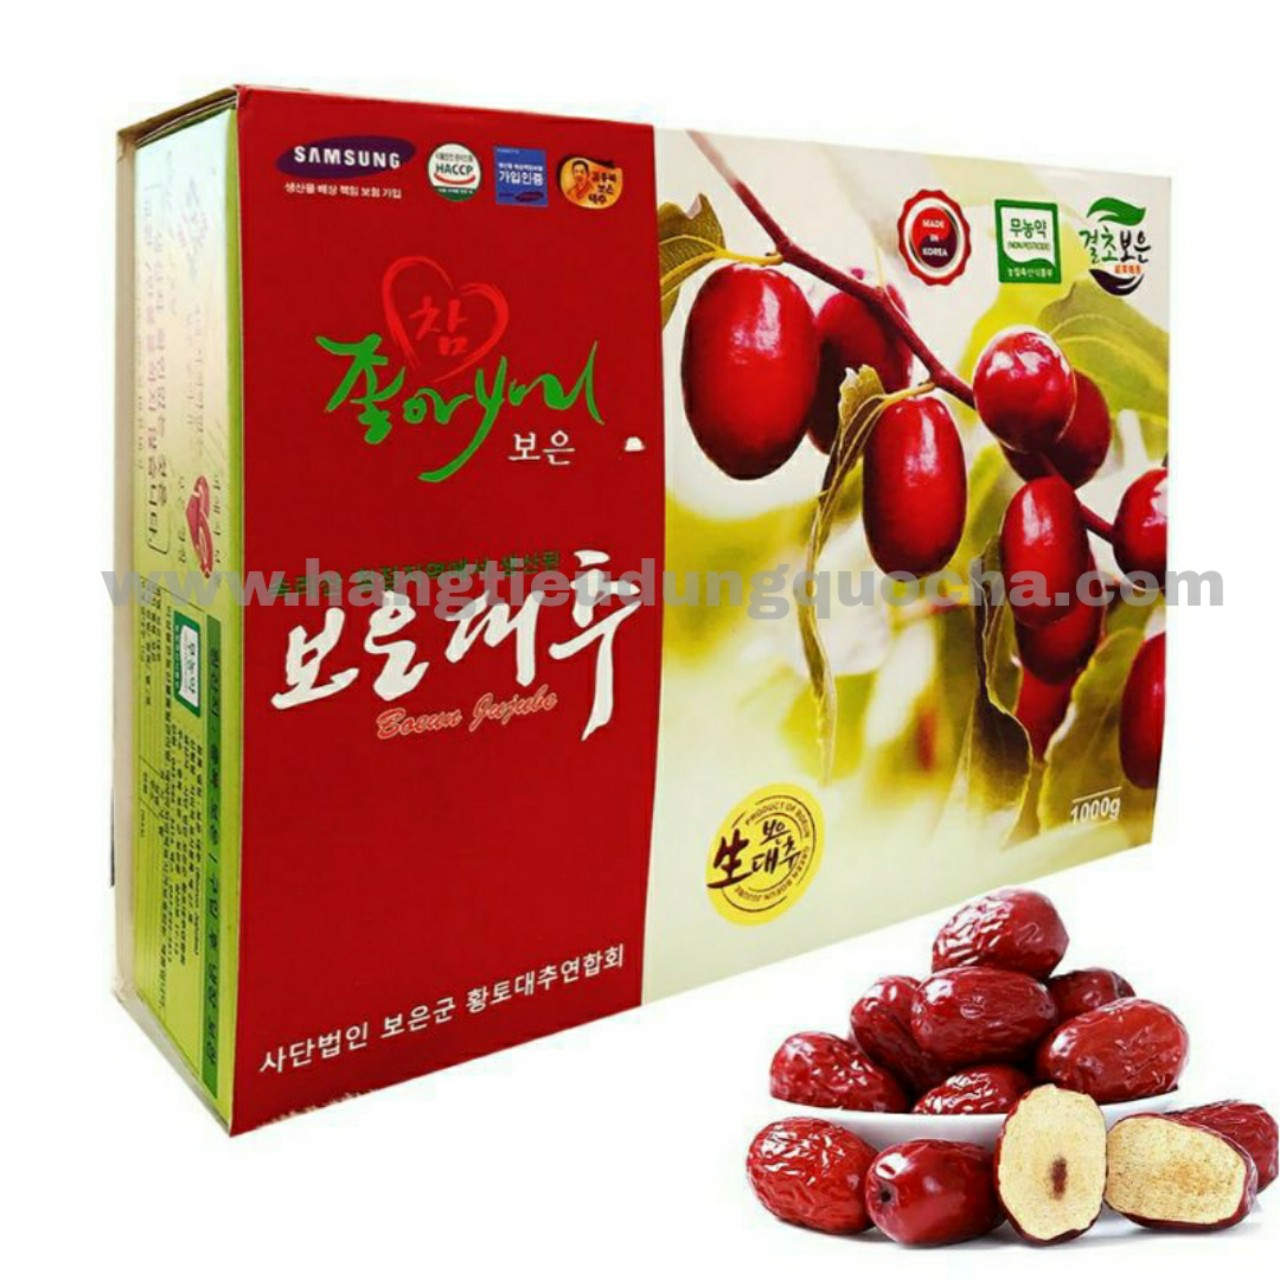 Táo đỏ Hàn Quốc 1kg